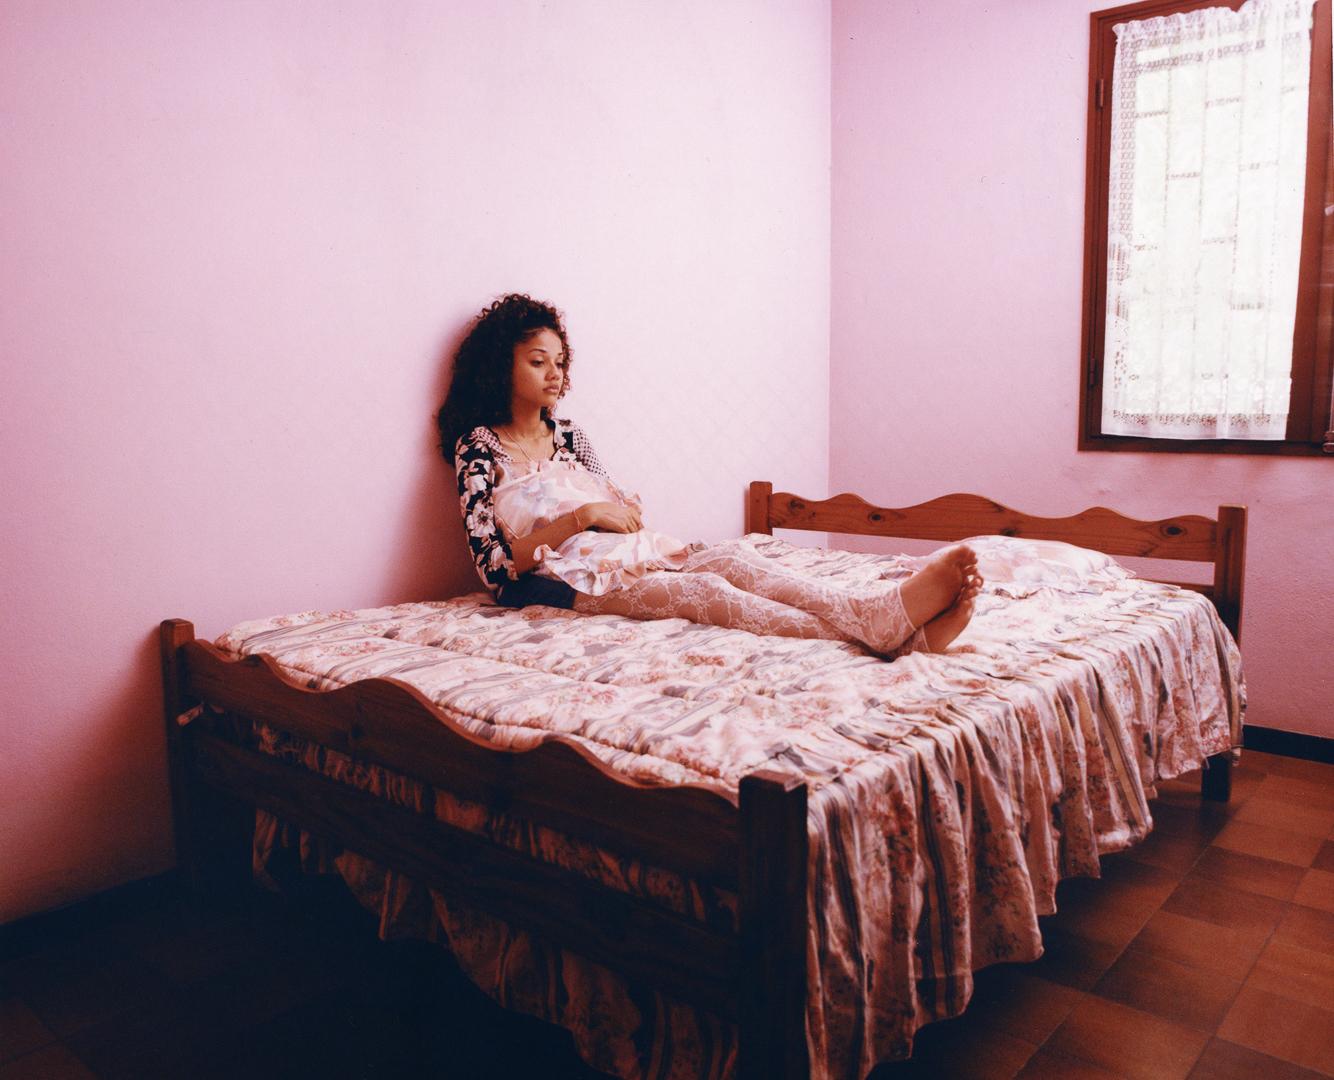 1594372811324-Lorrie-in-her-bedroom-lEtang-Reunion